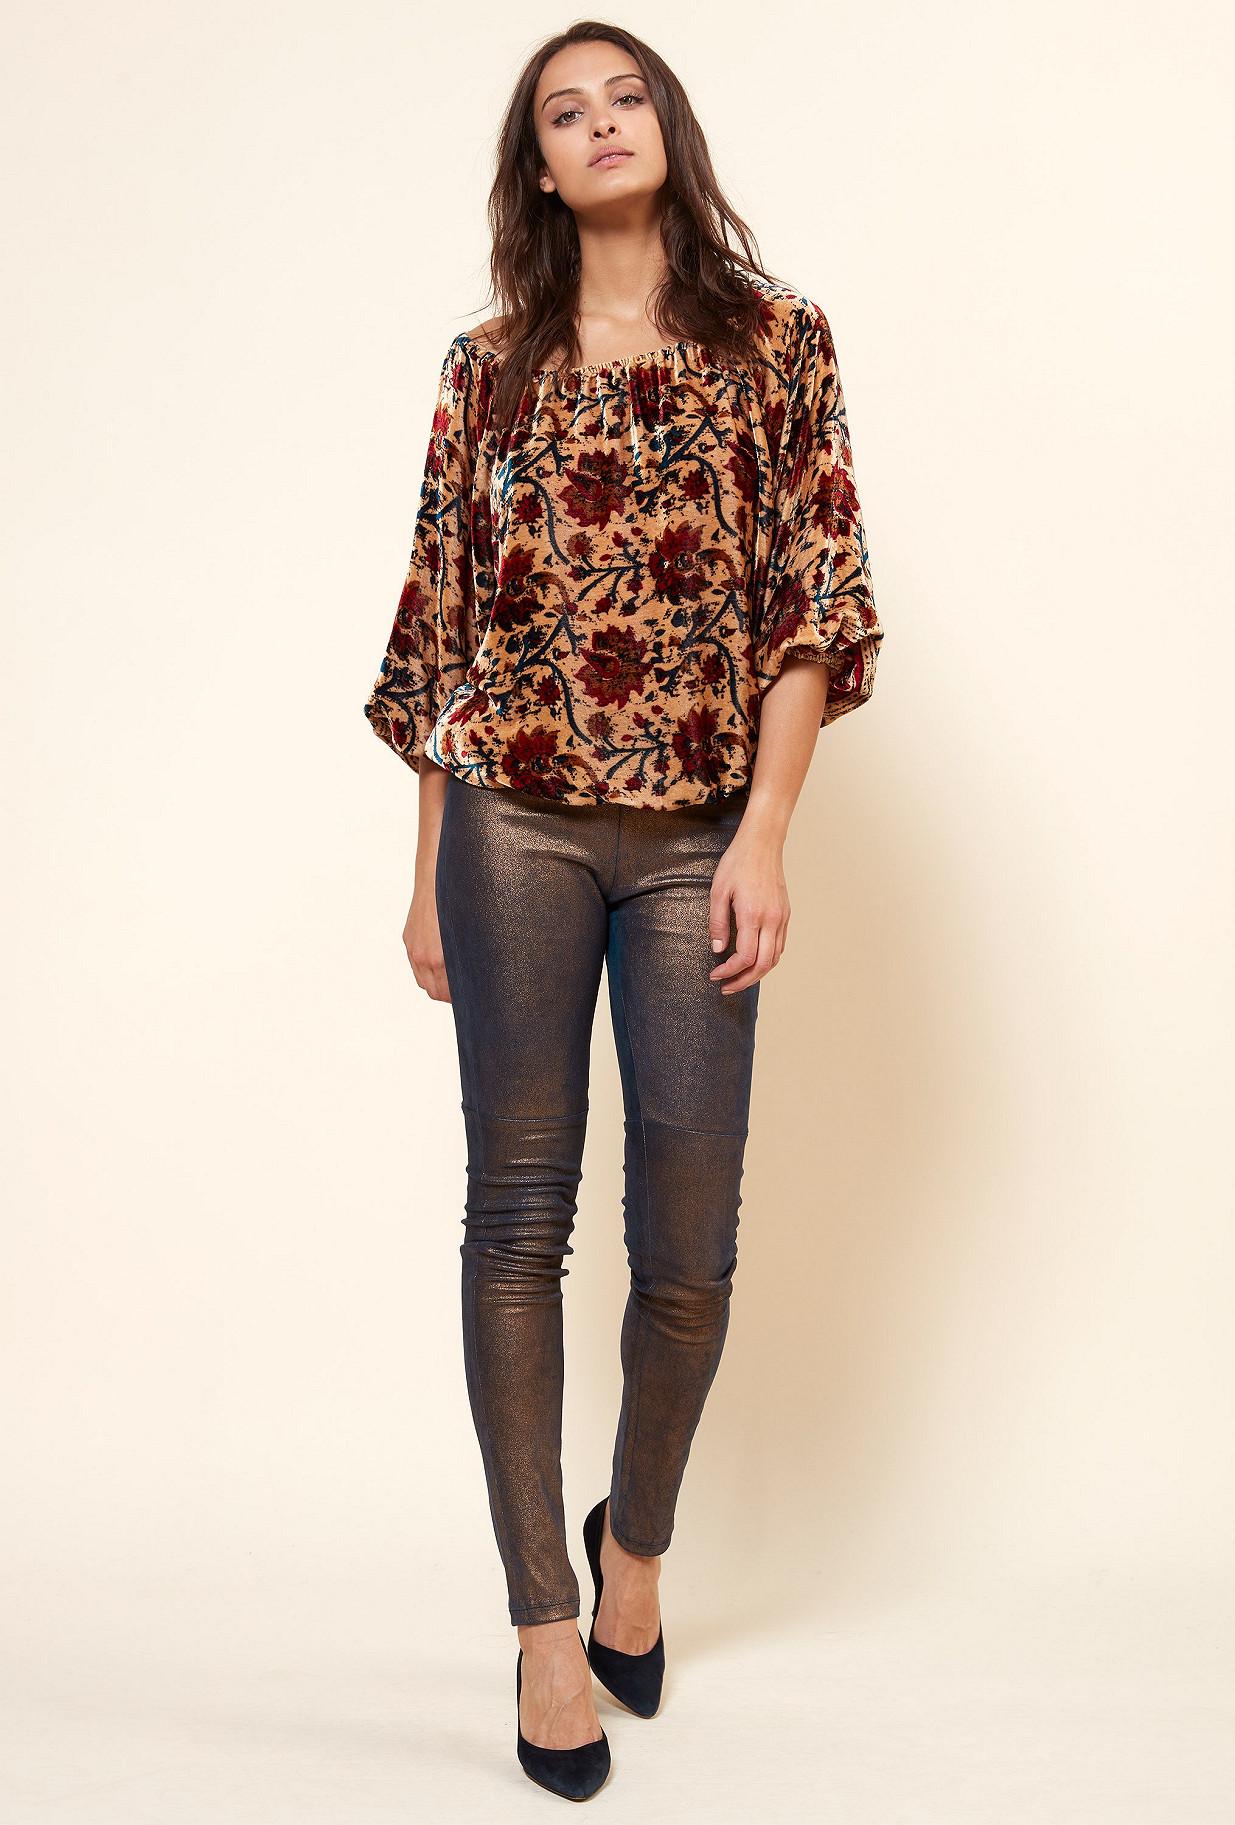 Paris boutique de mode vêtement Blouse créateur bohème  Cherie